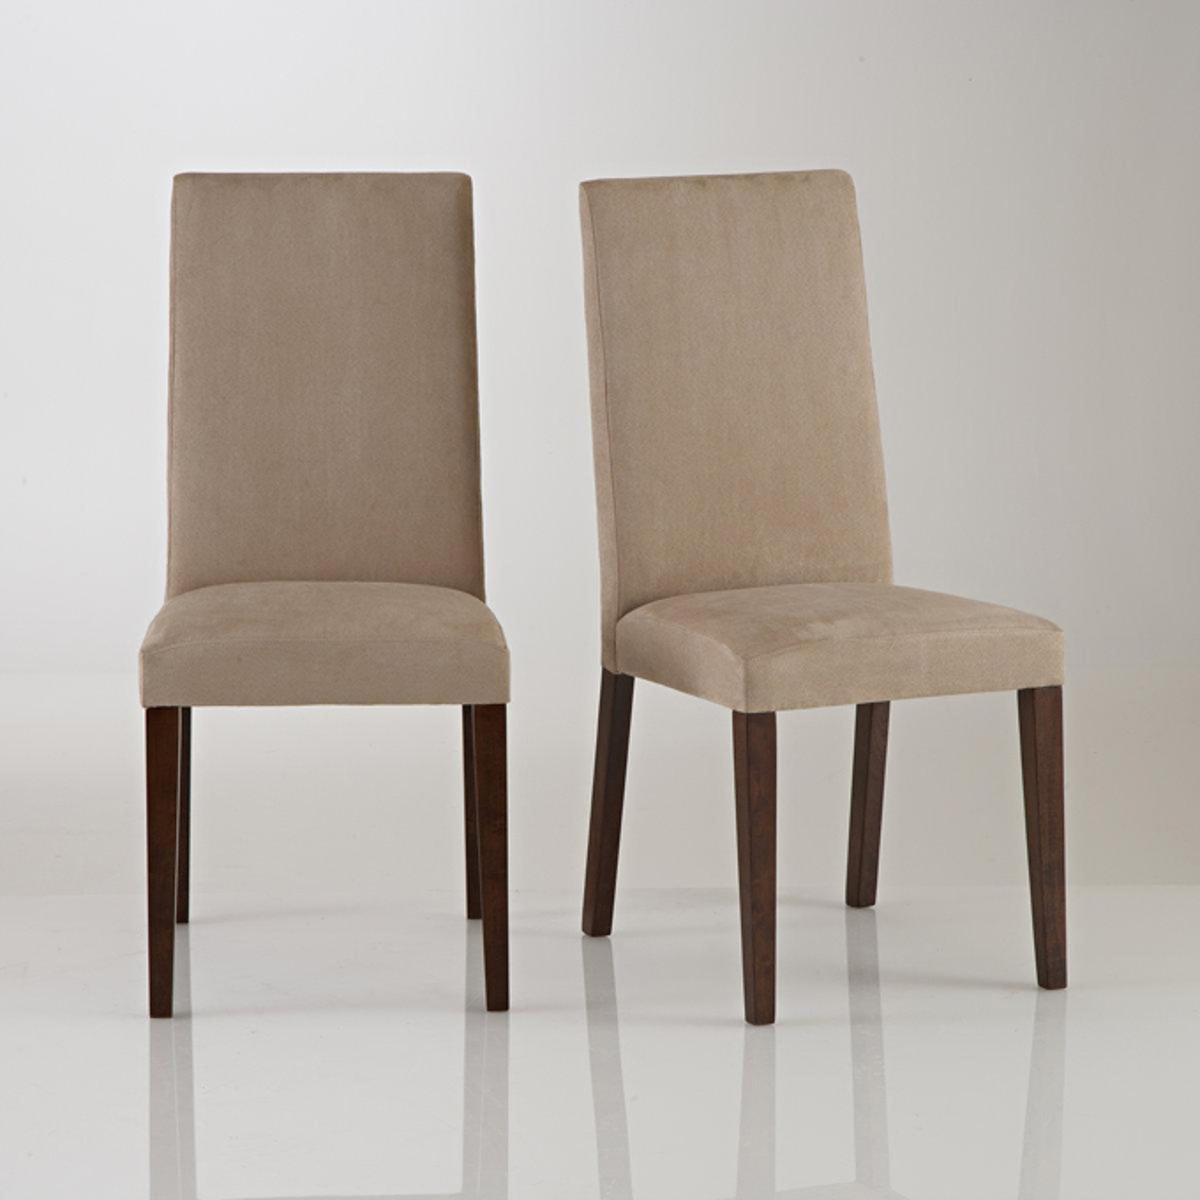 Комплект из 2 стульев из микорофибры, HartfordОписание 2 стульев Hartford :Прямая спинка.Подвеска с помощью ремней для оптимального комфорта.Стулья продаются по 2 шт одного цвета.Характеристики 2 стульев Hartford  :Ножки из массива сосны, покрытие морилкой.- Отделка лаком (полиуретановым).Обивка сиденья из замшевой микрофибры 100% полиэстер .Наполнитель сиденья из пеноматериала плотностью 30 кг/м?.Откройте для себя другие стулья и коллекцию Hartford на сайте laredoute.ru.Размеры стульев Hartford :Общие размеры Ширина : 44 см.Высота : 96 см.Глубина : 50 см..Сиденье 44 x 48 x 44 см  Размеры и вес упаковки :1 упаковка 98,5 x 29,5 x 42,5 см 14 кг.Доставка :2 стула Hartford продаются с отвинченными ножками .  Возможна доставка до квартиры по предварительной договоренности! Внимание! Убедитесь, что посылку возможно доставить в дом, учитывая ее габариты<br><br>Цвет: светло-серо-коричневый,темно-коричневый